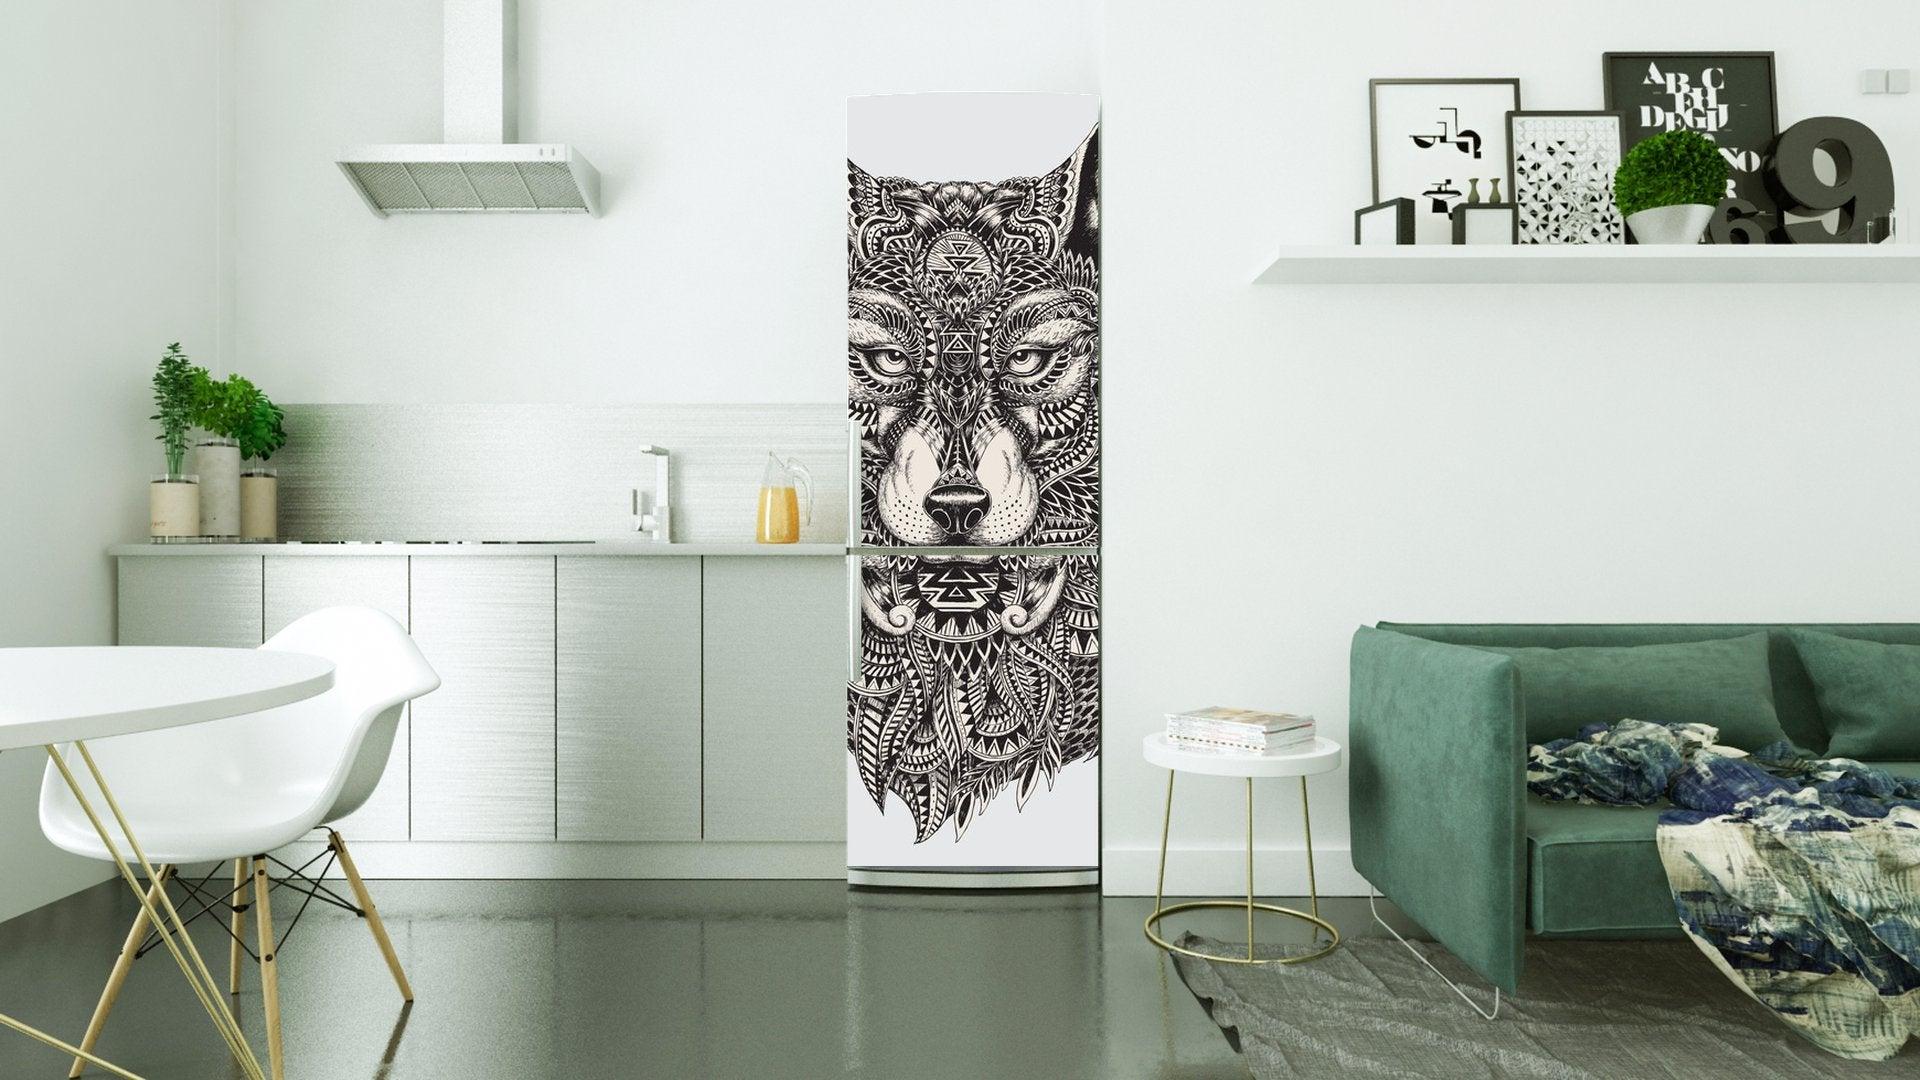 vinil de lobo na geladeira-decorar a sua casa com vinil